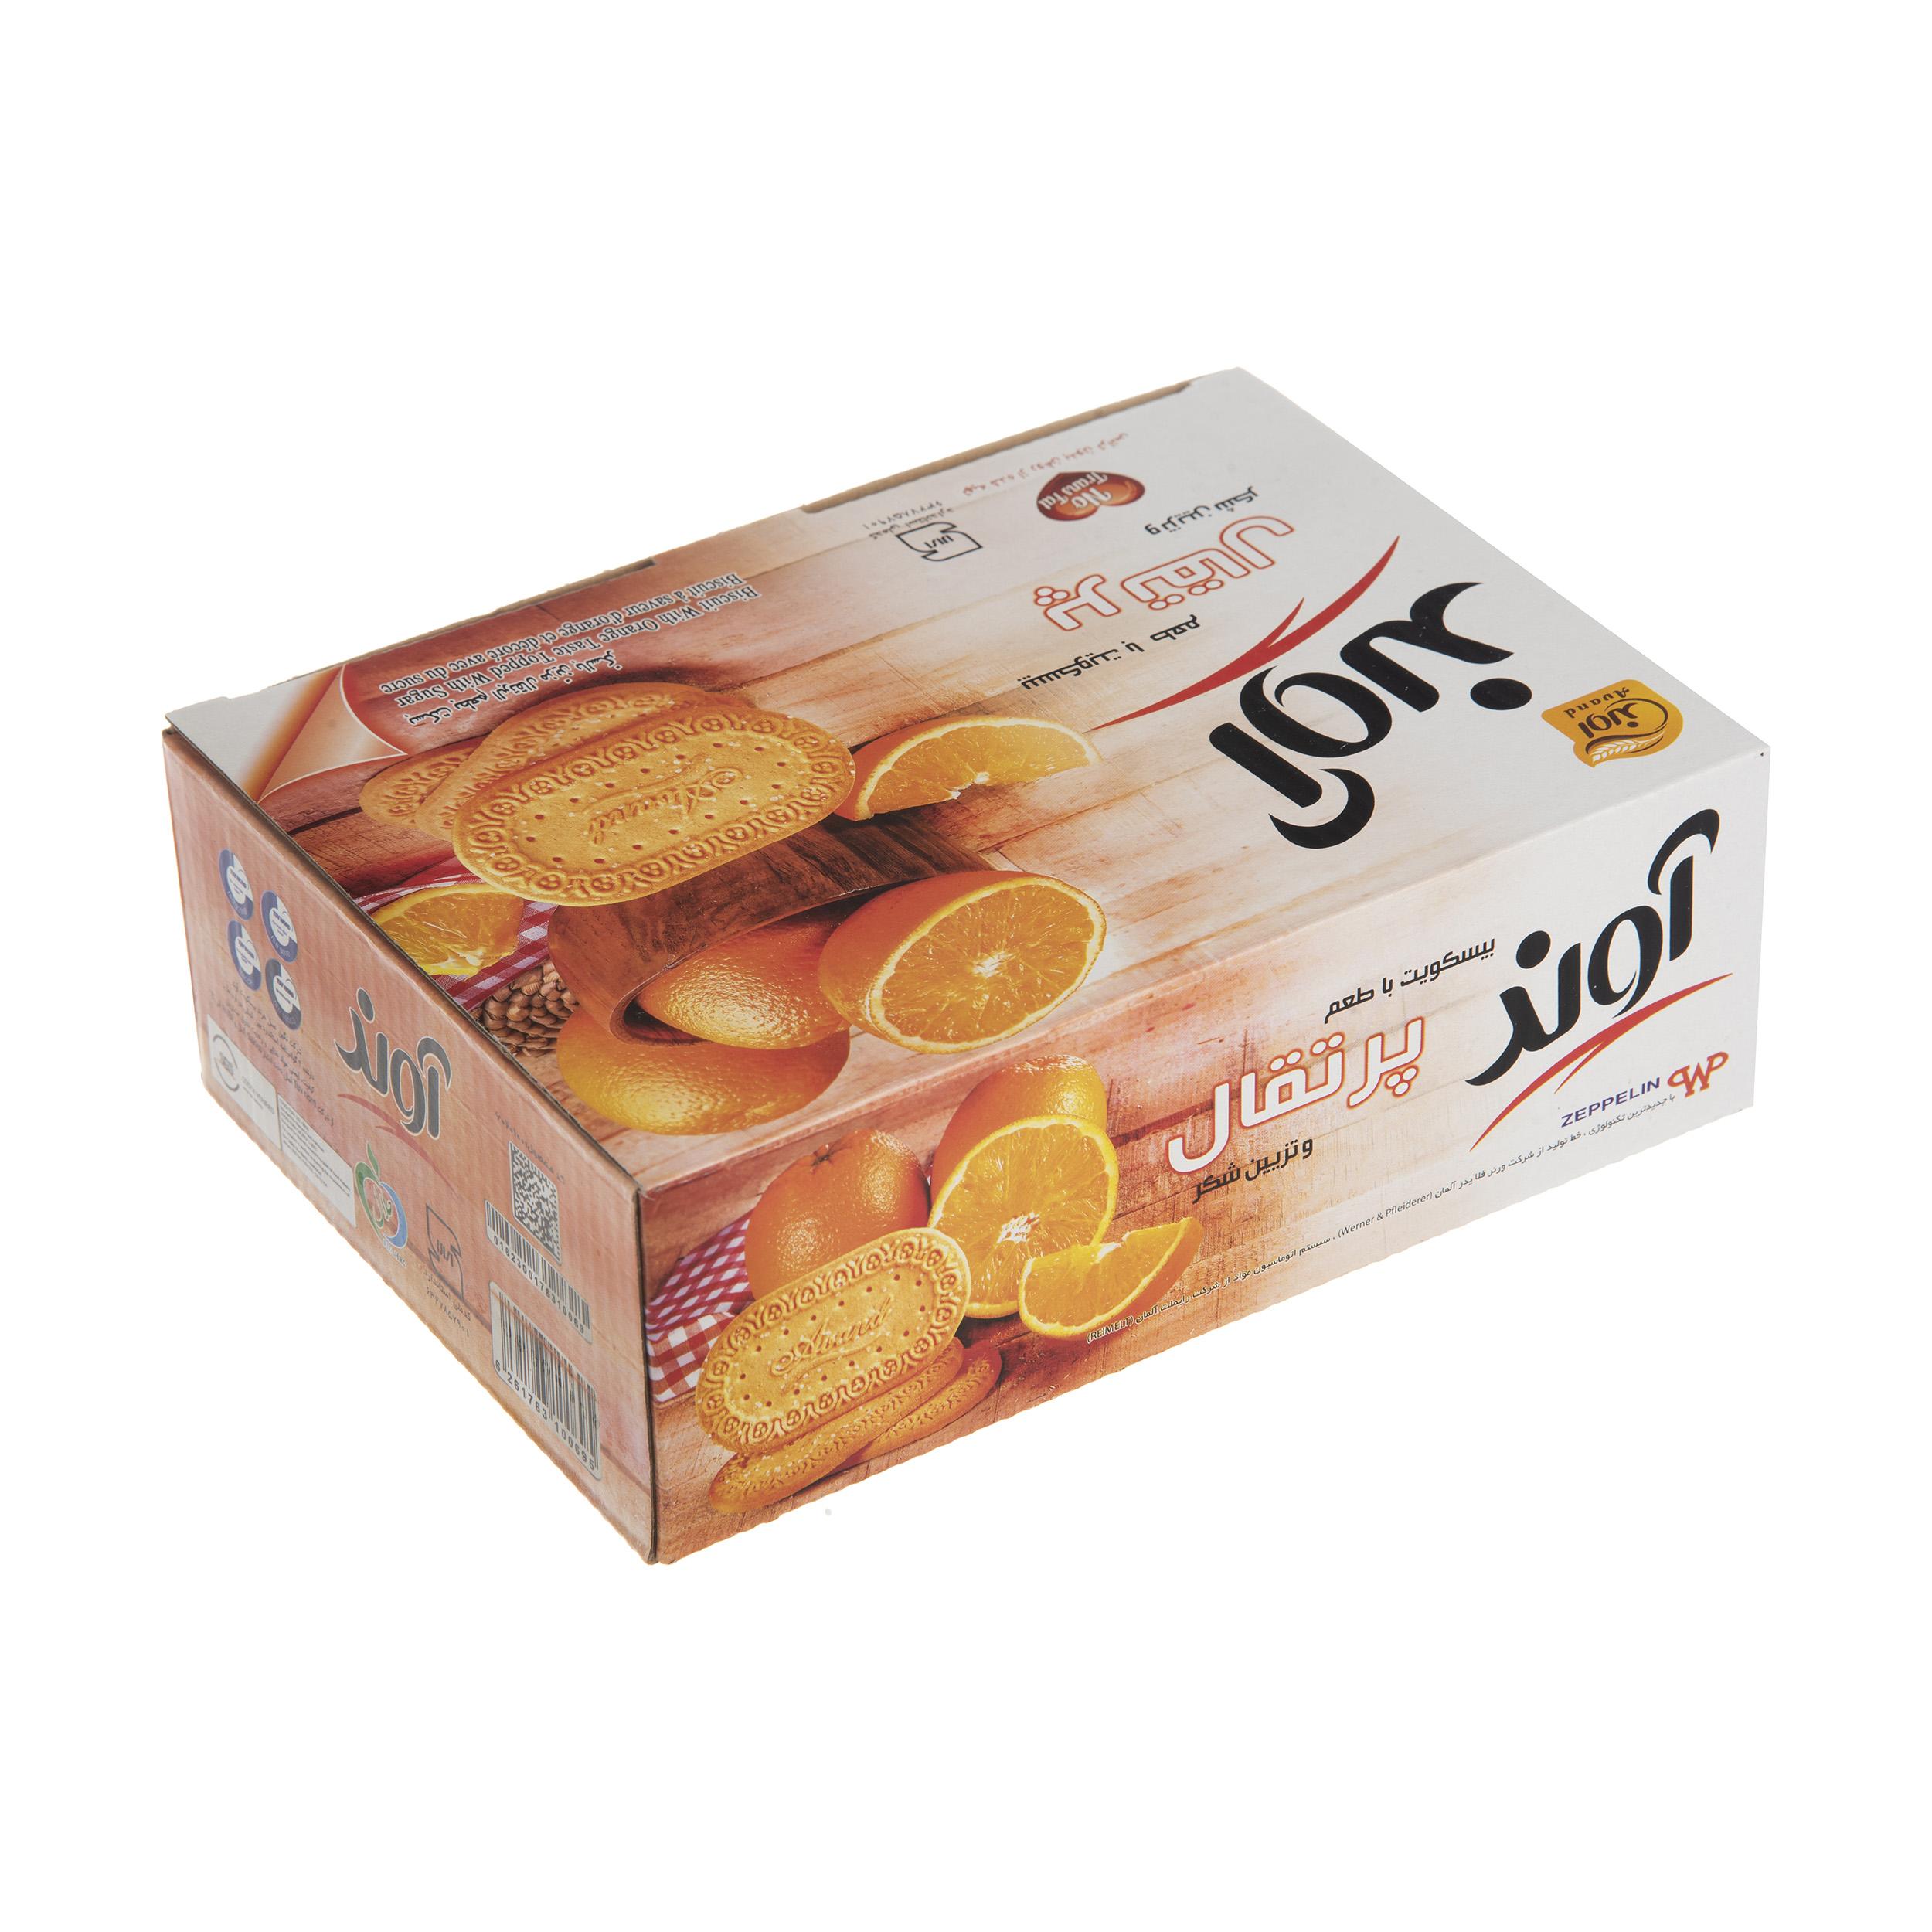 بیسکویت آوند با طعم پرتقال با تزیین شکر - 630 گرم